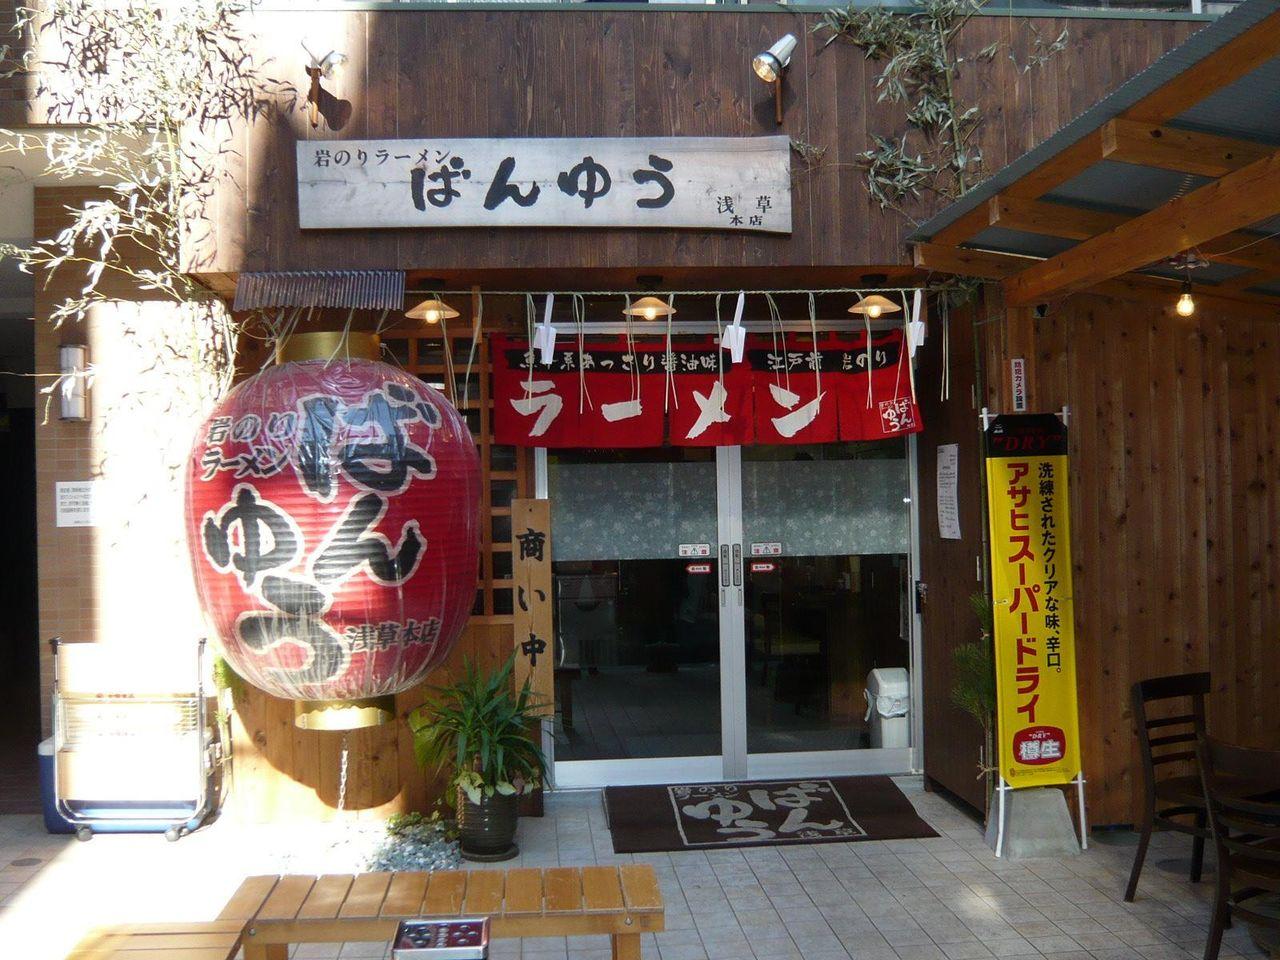 恵比寿から浅草に移転して20年2月に営業再開。